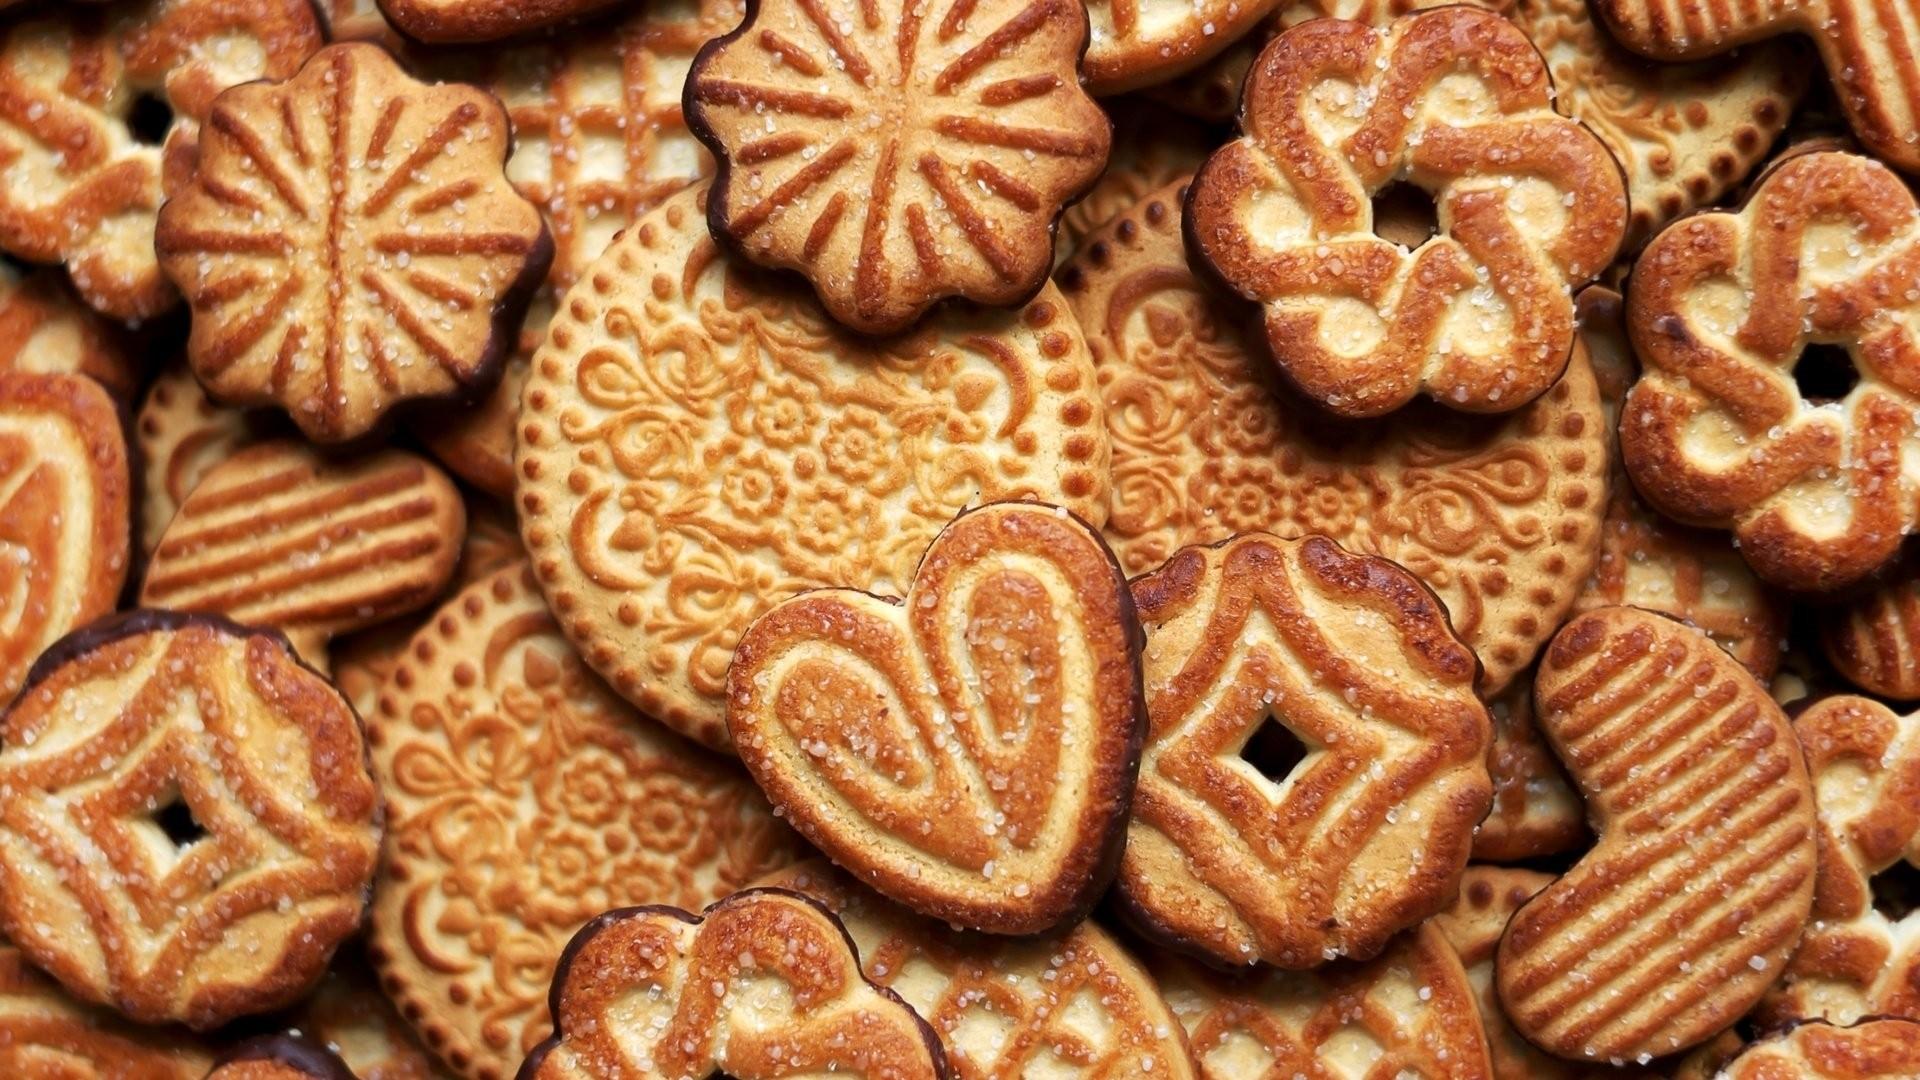 Cookies PC Wallpaper